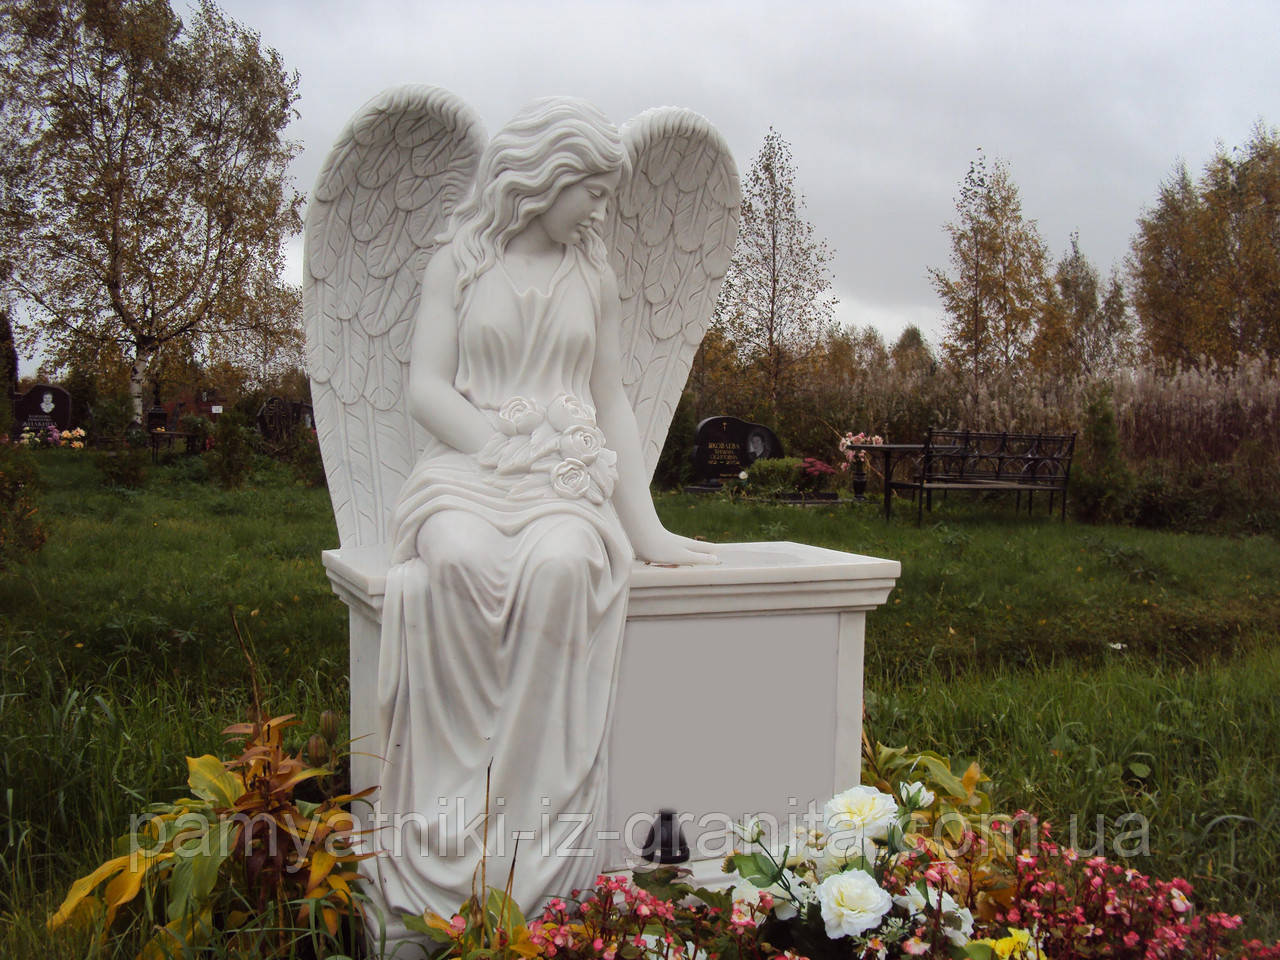 Памятник Ангел № 1